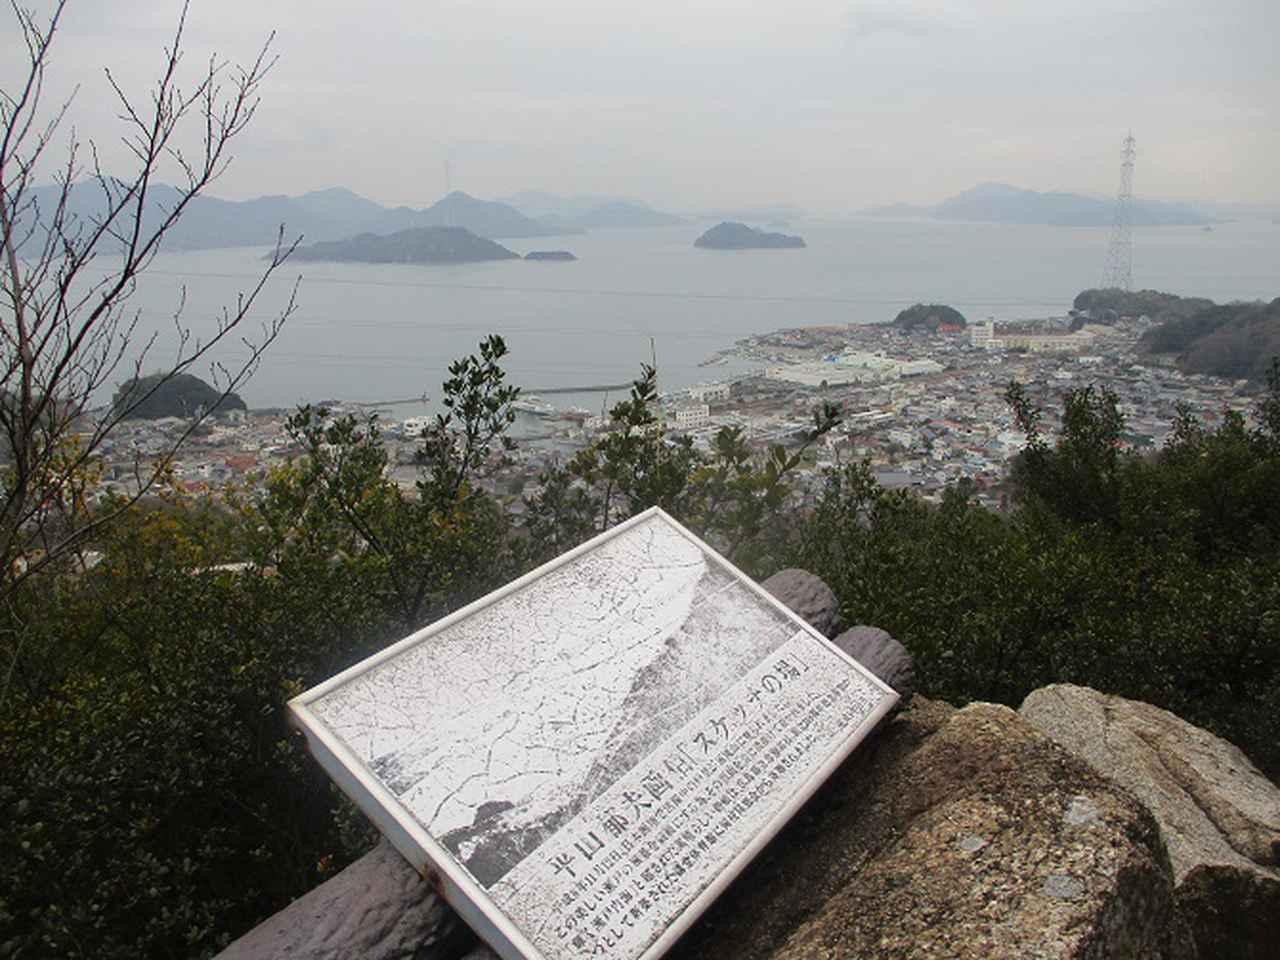 画像2: 来年冬の企画素材を探して、我が故郷・広島県の山を歩いてみました